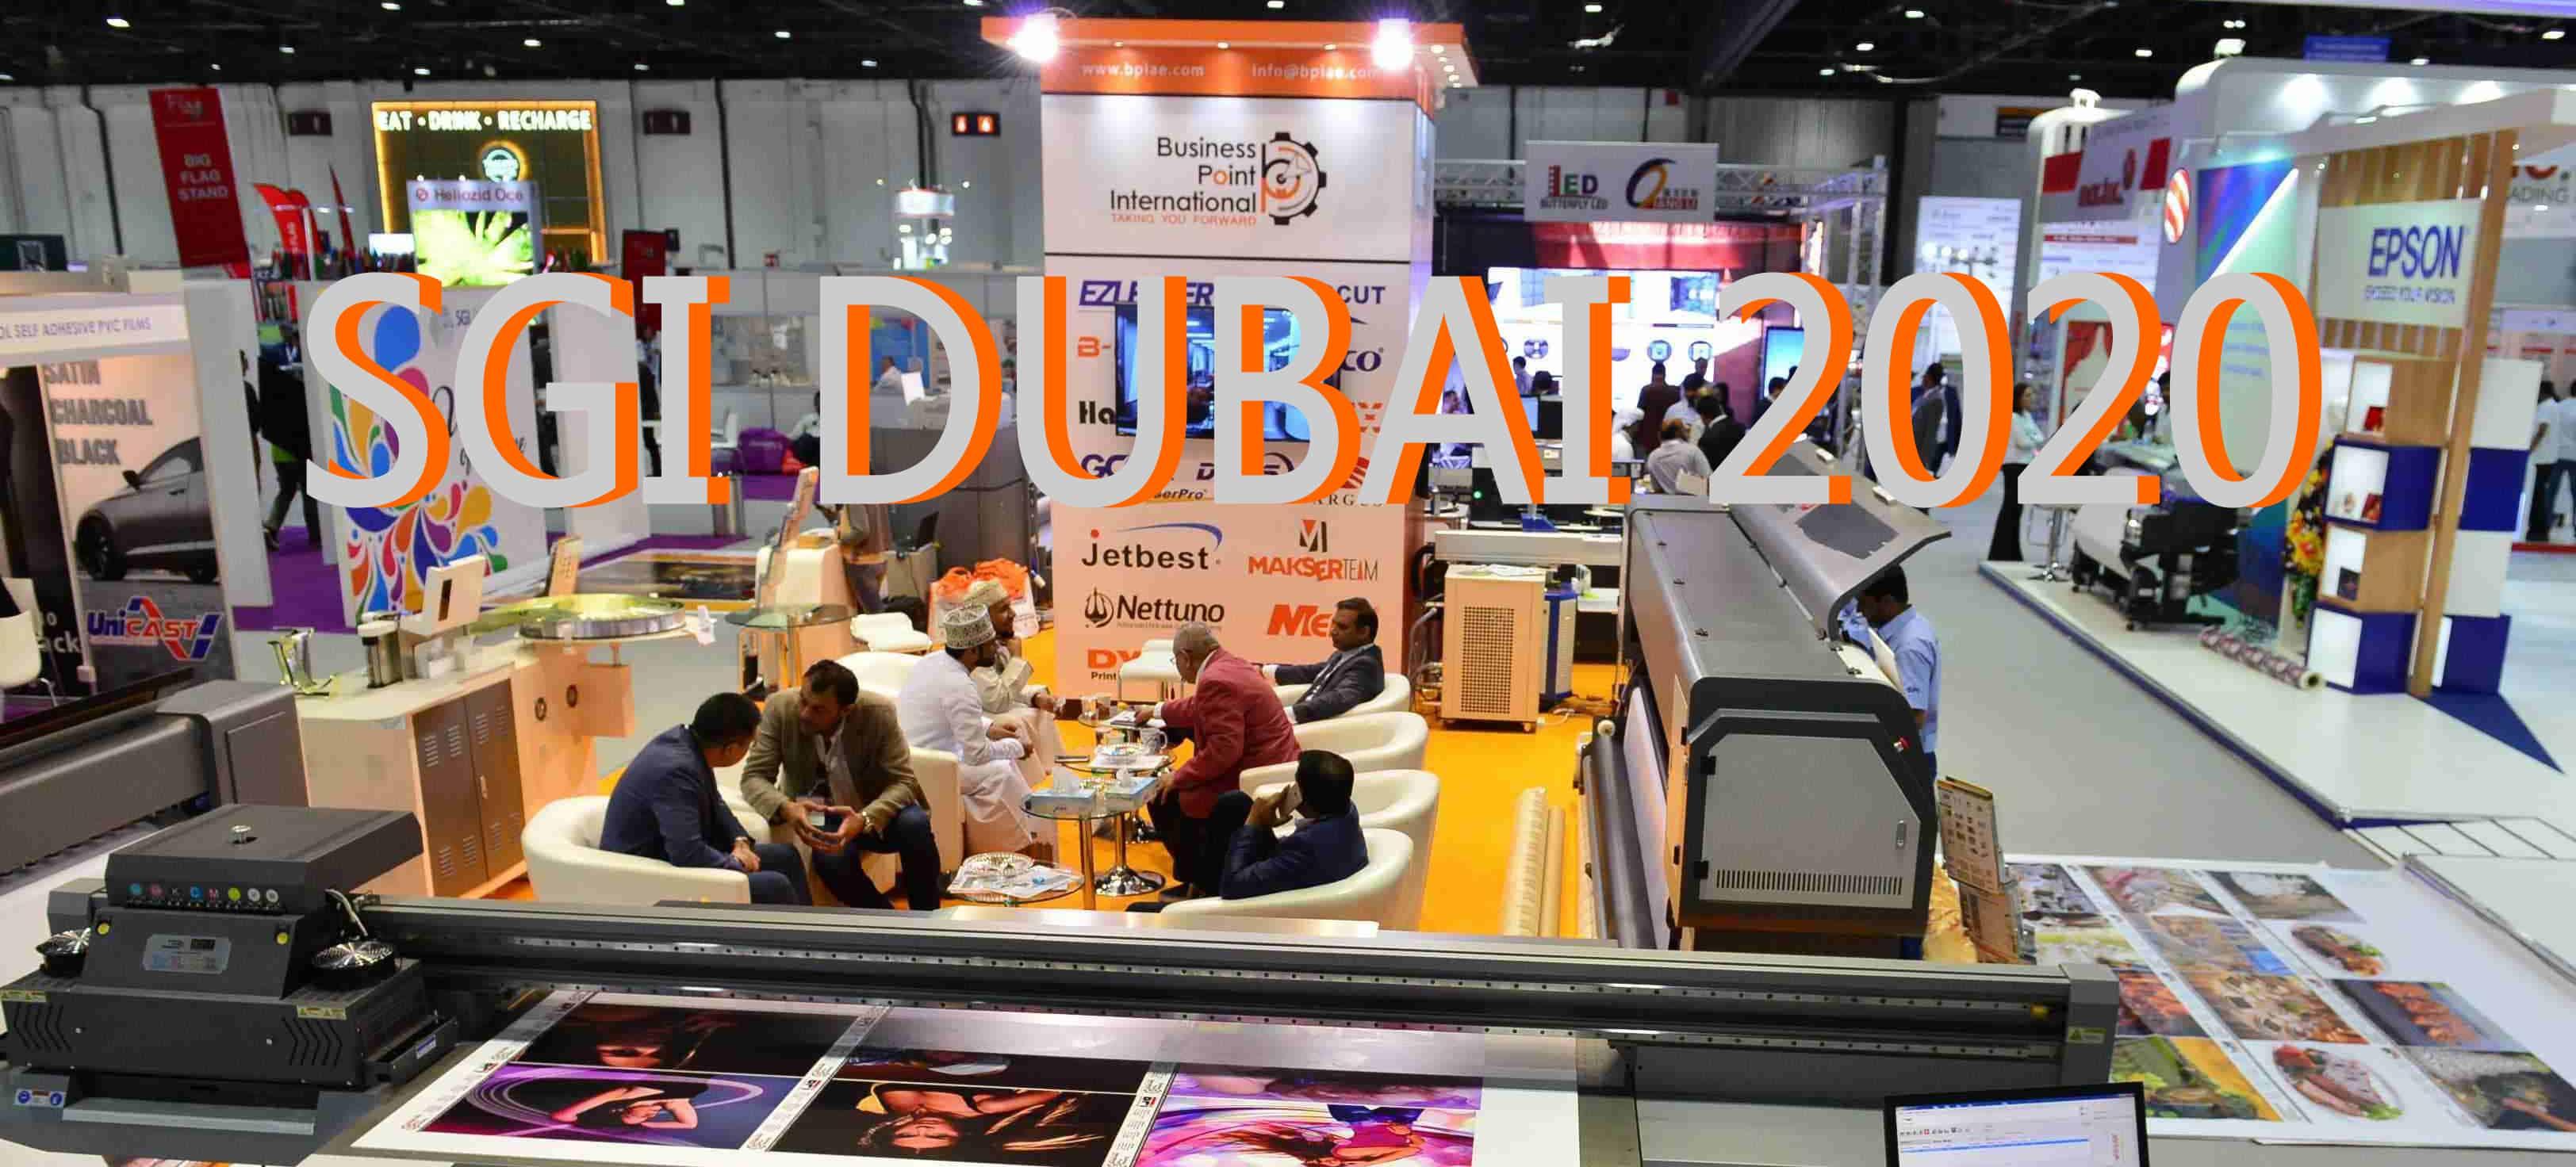 SGI Dubai 2020 Exhibition